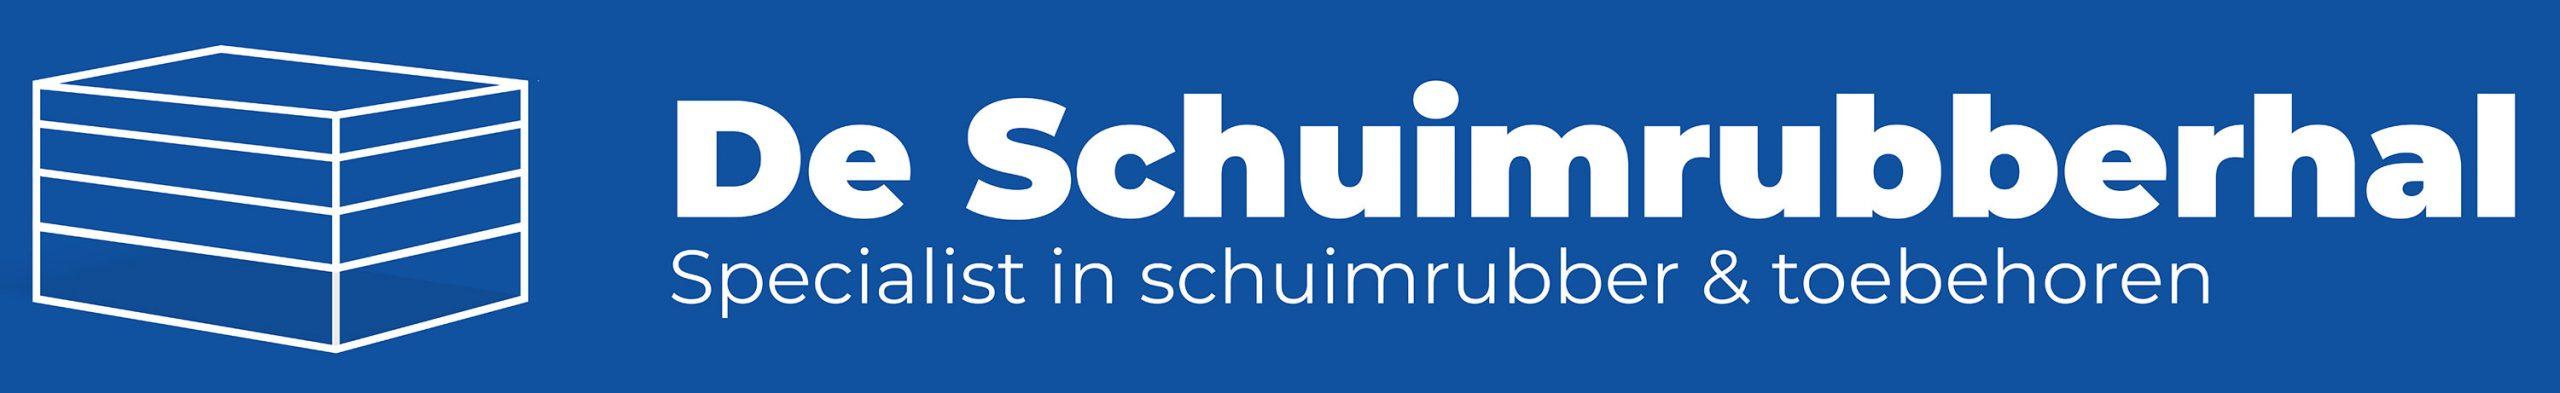 De Schuimrubberhal